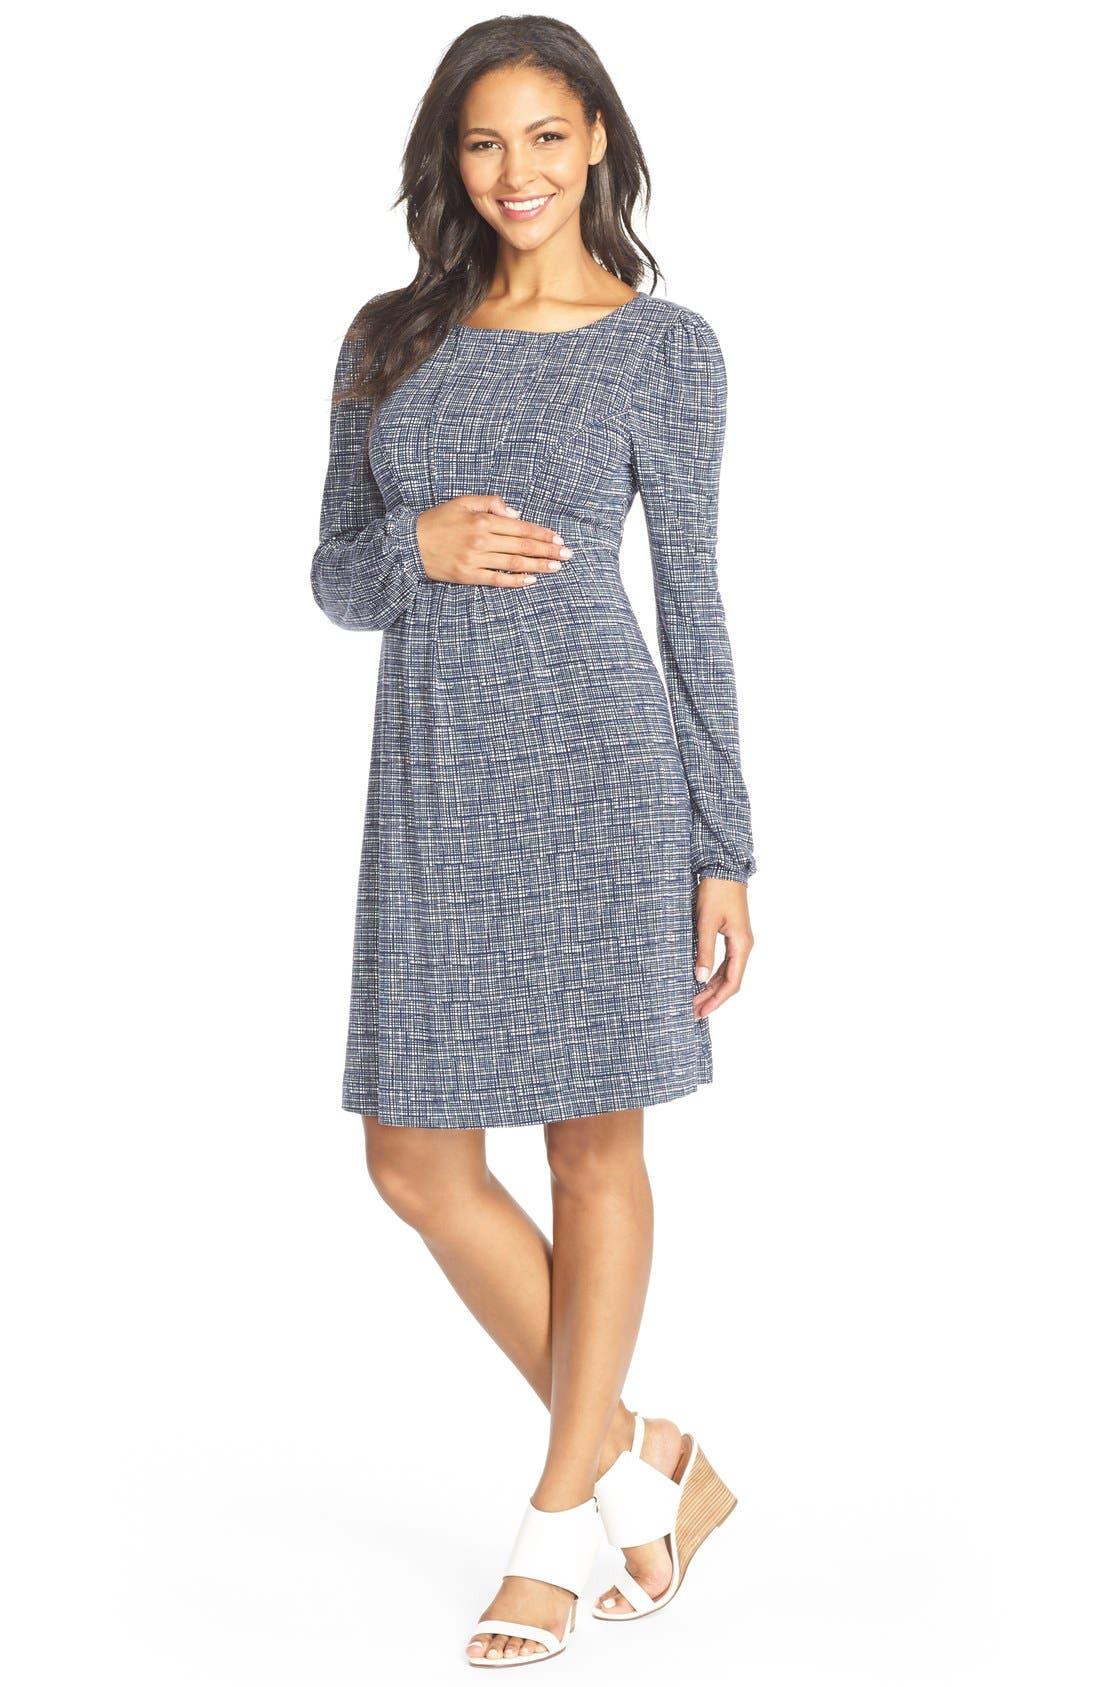 Main Image - Tart Maternity 'Tatum' Geo Print Long Sleeve Maternity Dress